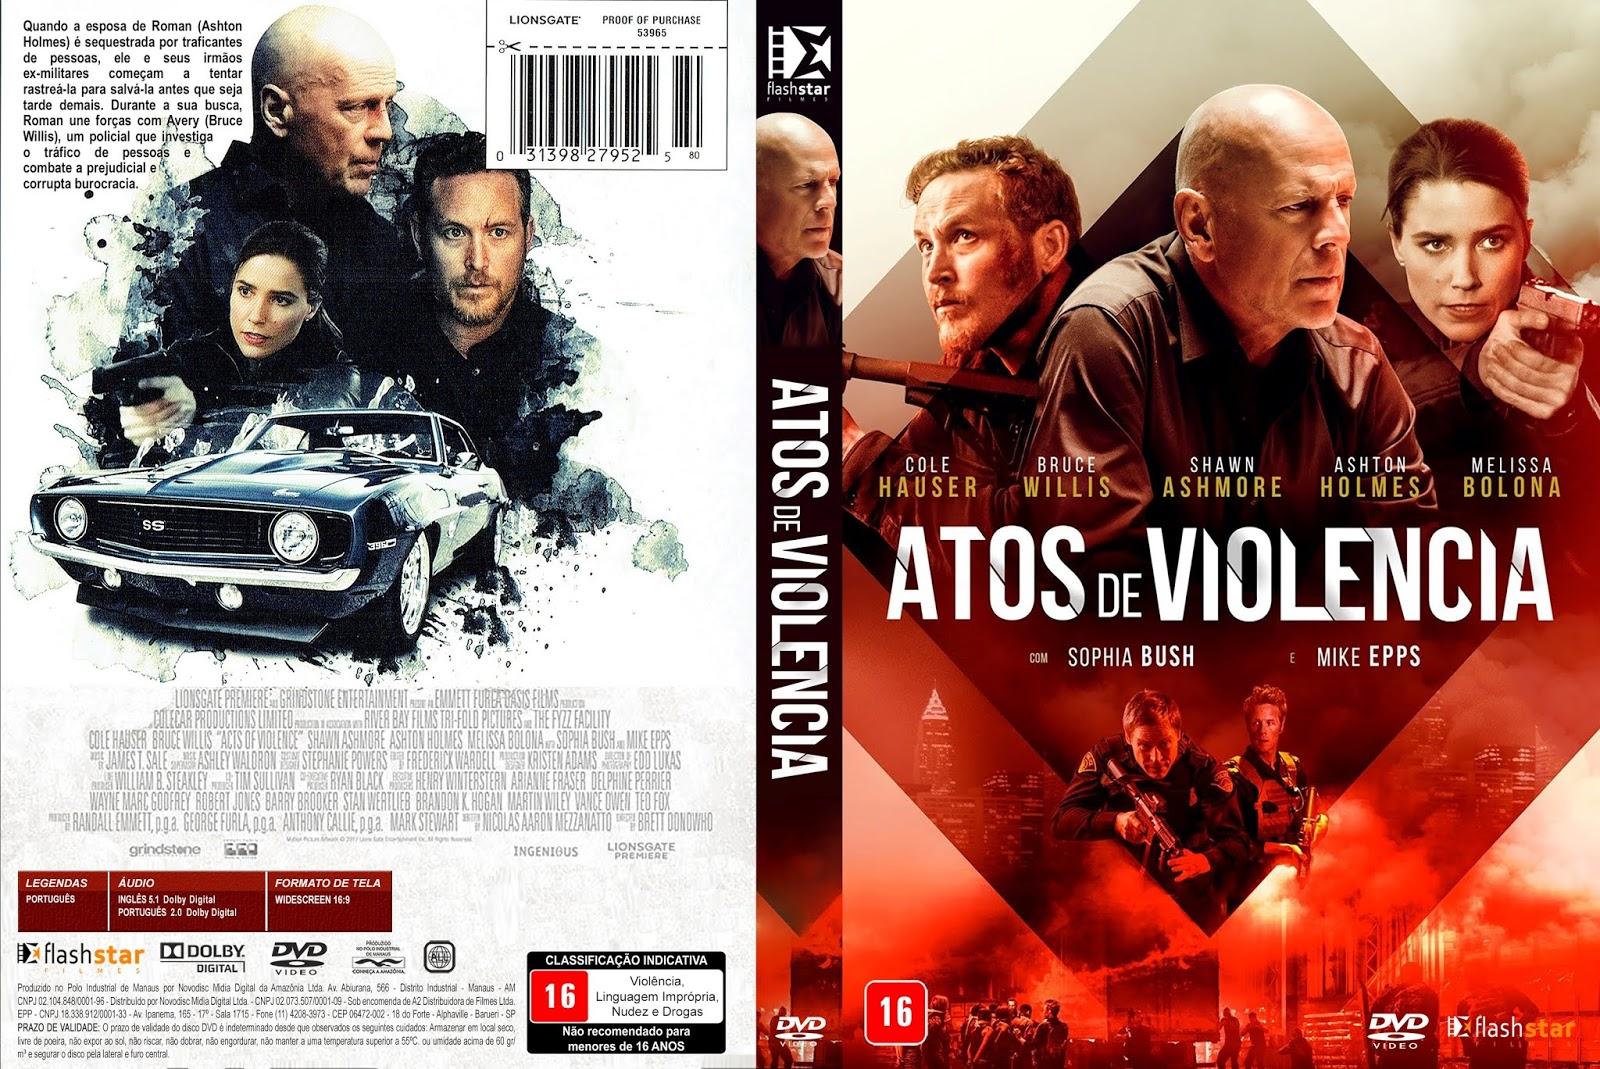 Resultado de imagem para atos de violencia filme download mega